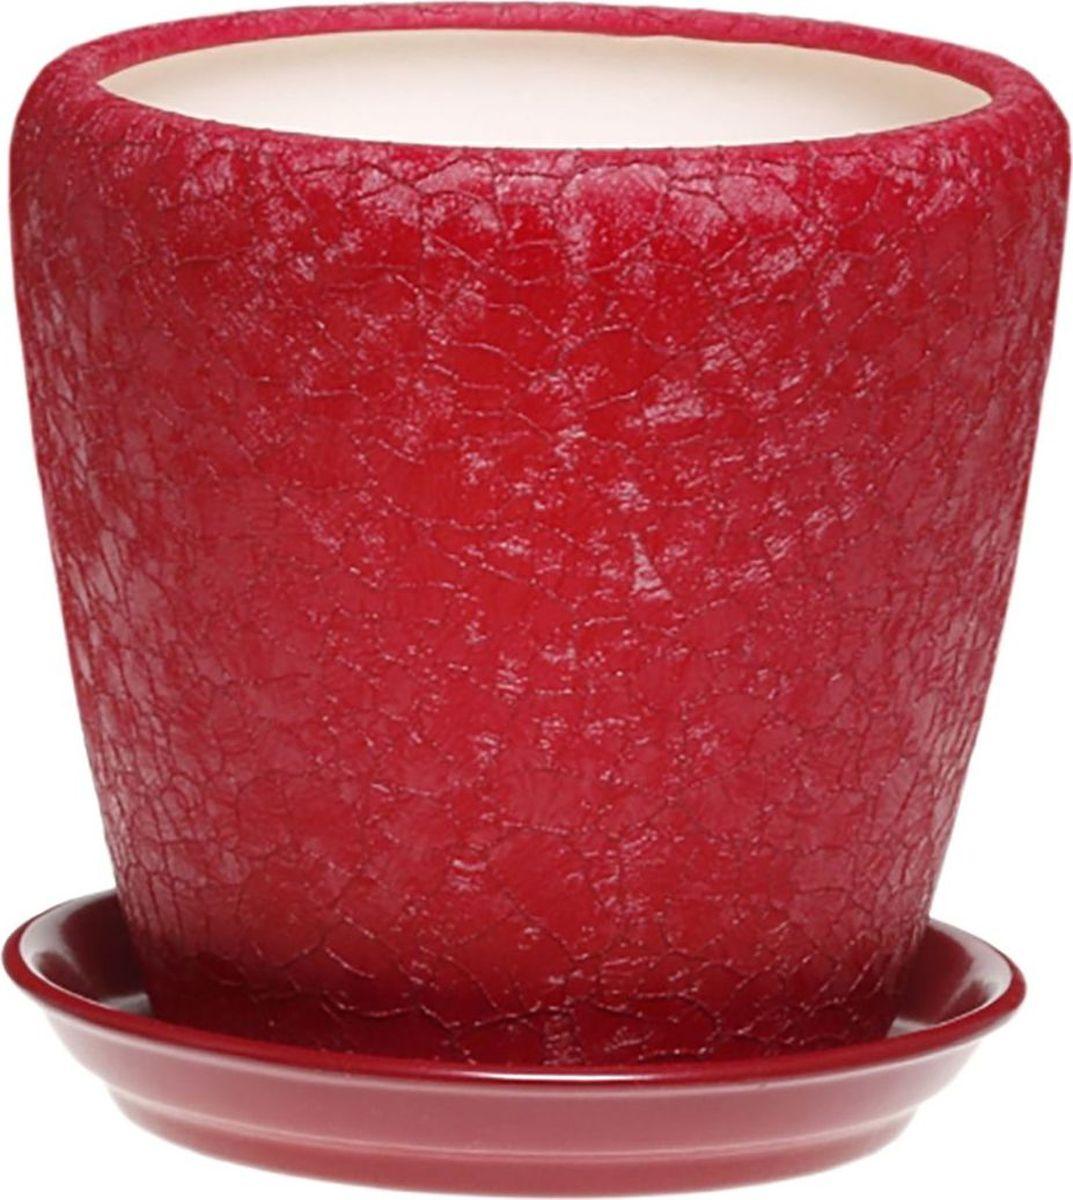 Кашпо Керамика ручной работы Грация, цвет: бордовый, 1,2 л1158459Комнатные растения — всеобщие любимцы. Они радуют глаз, насыщают помещение кислородом и украшают пространство. Каждому из них необходим свой удобный и красивый дом. Кашпо из керамики прекрасно подходят для высадки растений: за счет пластичности глины и разных способов обработки существует великое множество форм и дизайнов пористый материал позволяет испаряться лишней влаге воздух, необходимый для дыхания корней, проникает сквозь керамические стенки! позаботится о зеленом питомце, освежит интерьер и подчеркнет его стиль.